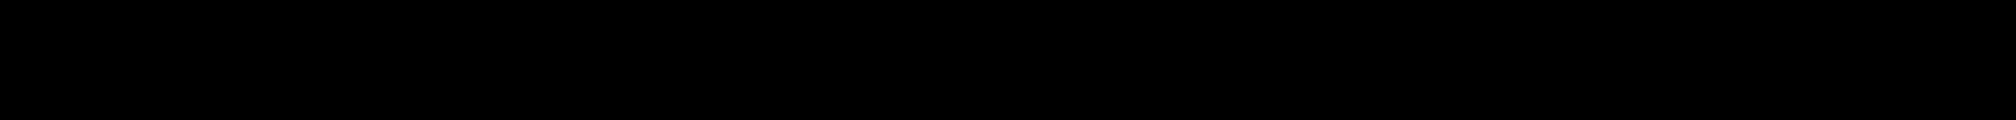 רקע גרפיקה אתר ראשי אייל לוין